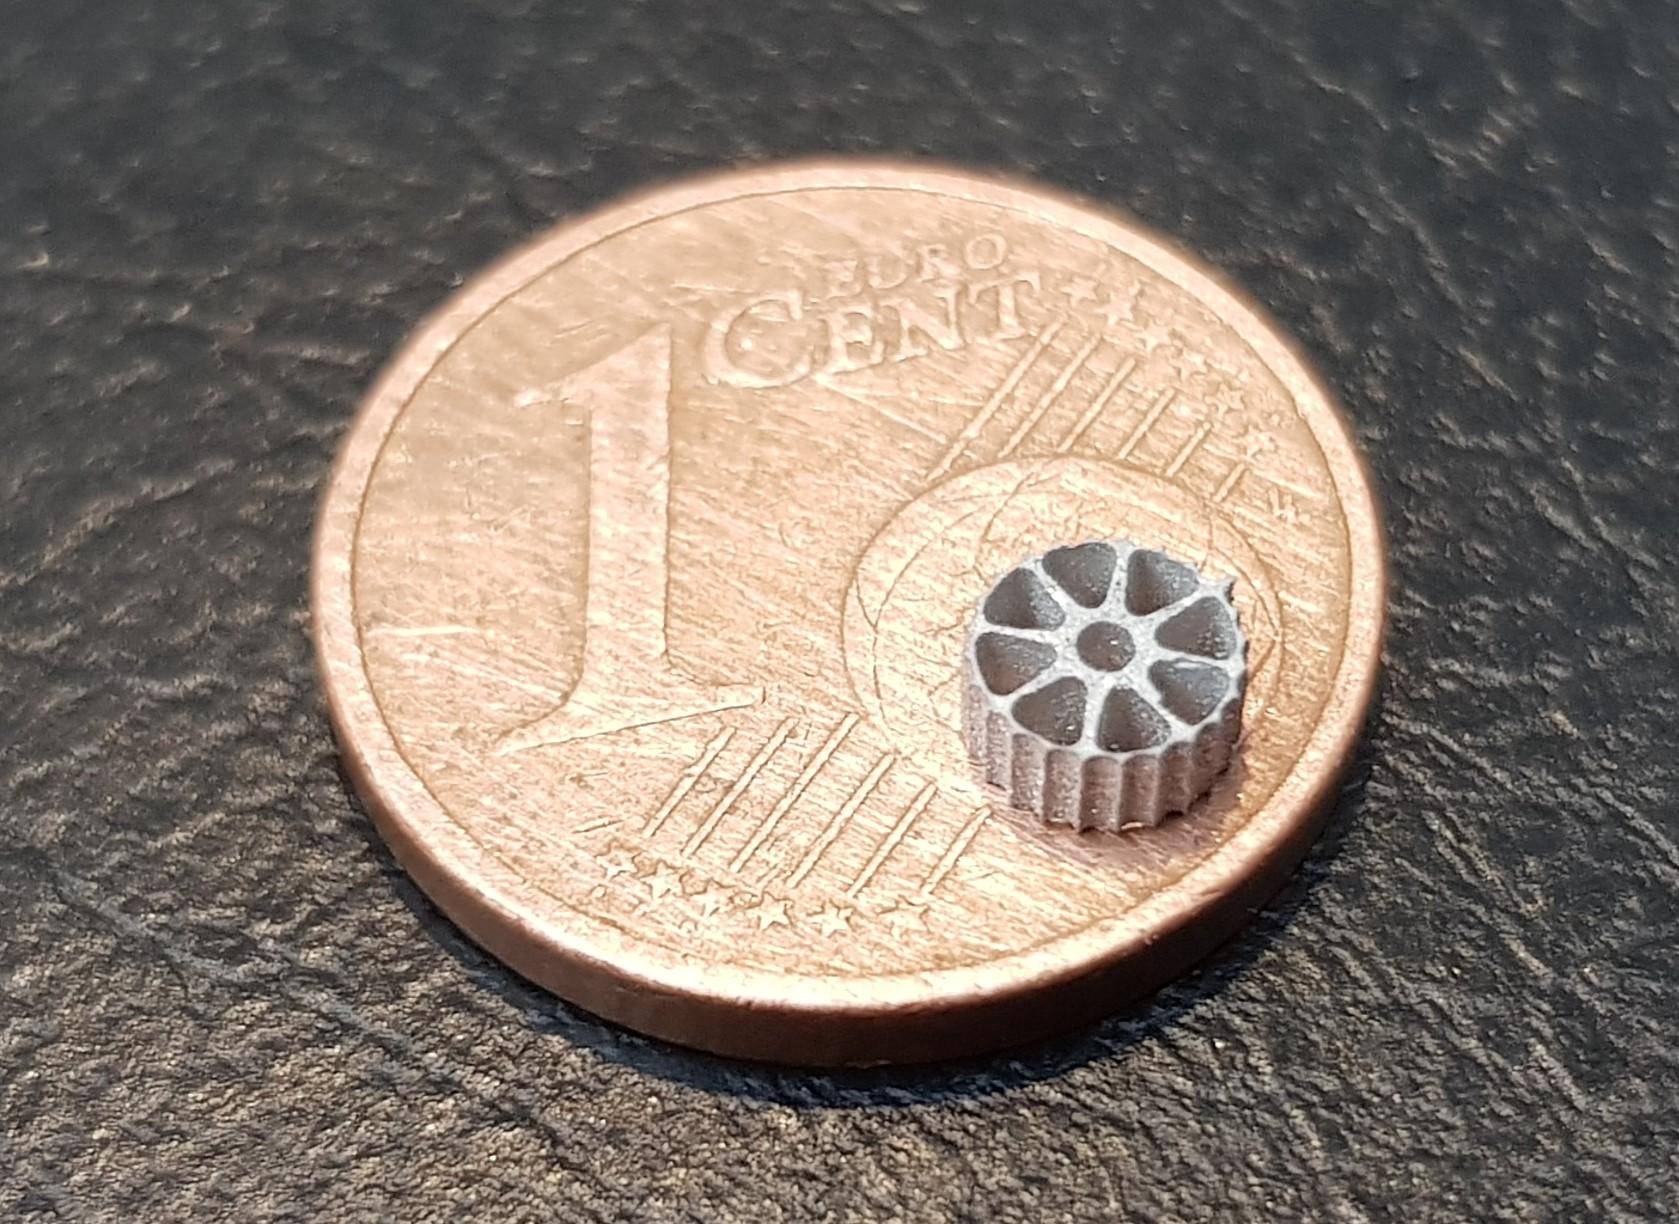 Schneiden kleiner, filigraner Bauteile mit Strahldurchmesser 0,2 mm